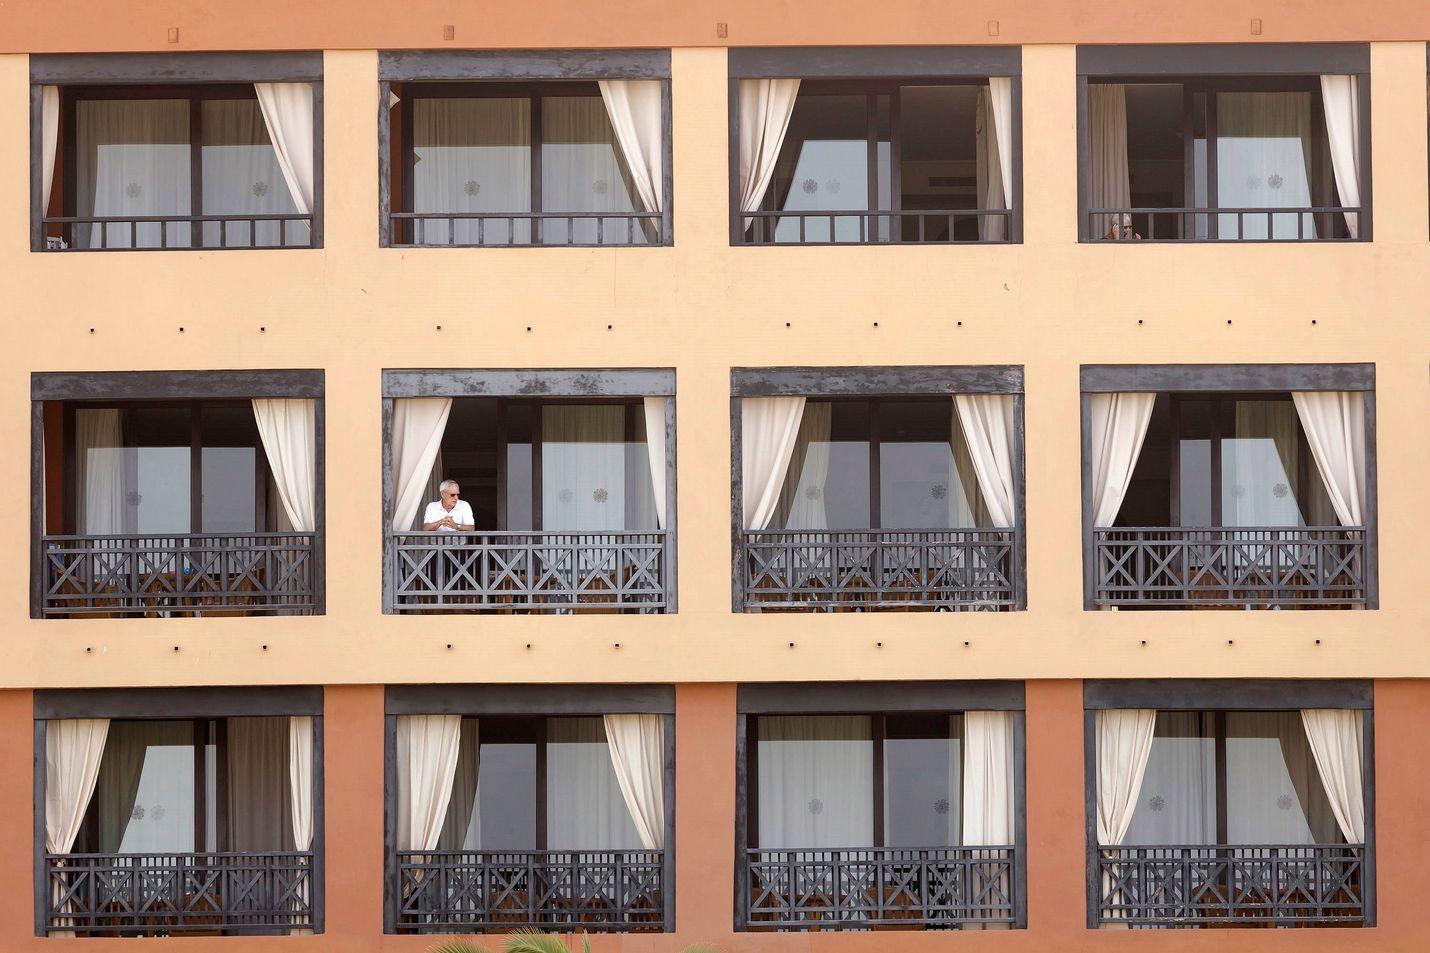 Koronaviruksen vuoksi eristetyssä hotellissa Teneriffalla on jopa 700 vierasta. Heidän joukossaan parikymmentä suomalaista. Turistit eivät saa liikkua hotellialueen ulkopuolella.